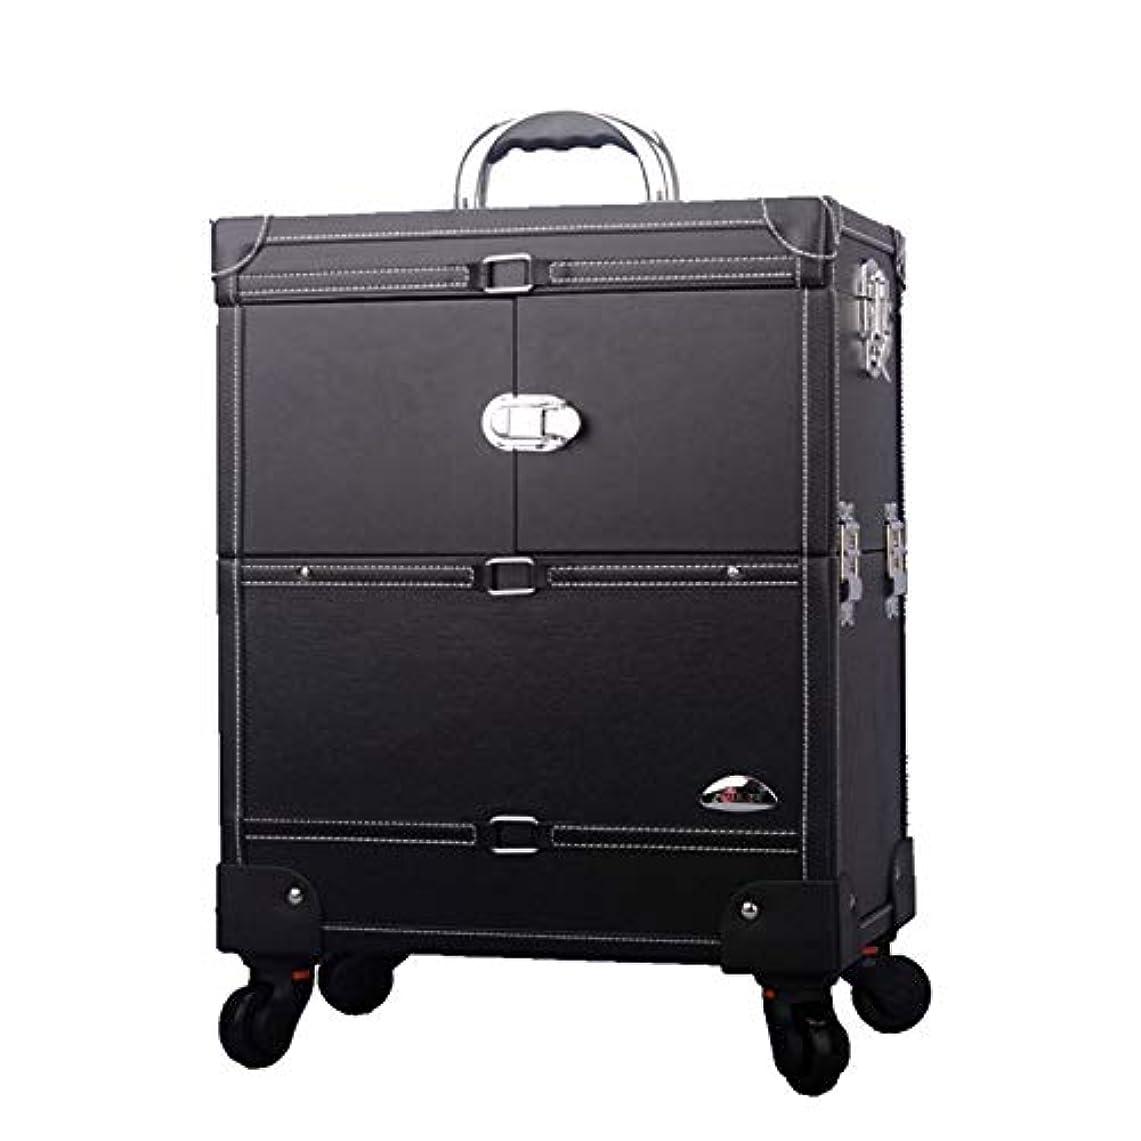 失敗間違っているクループロ専用 美容師 クローゼット スーツケース メイクボックス キャリーバッグ ヘアメイク プロ 大容量 軽量 高品質 多機能 I-JL-3623T-B-T